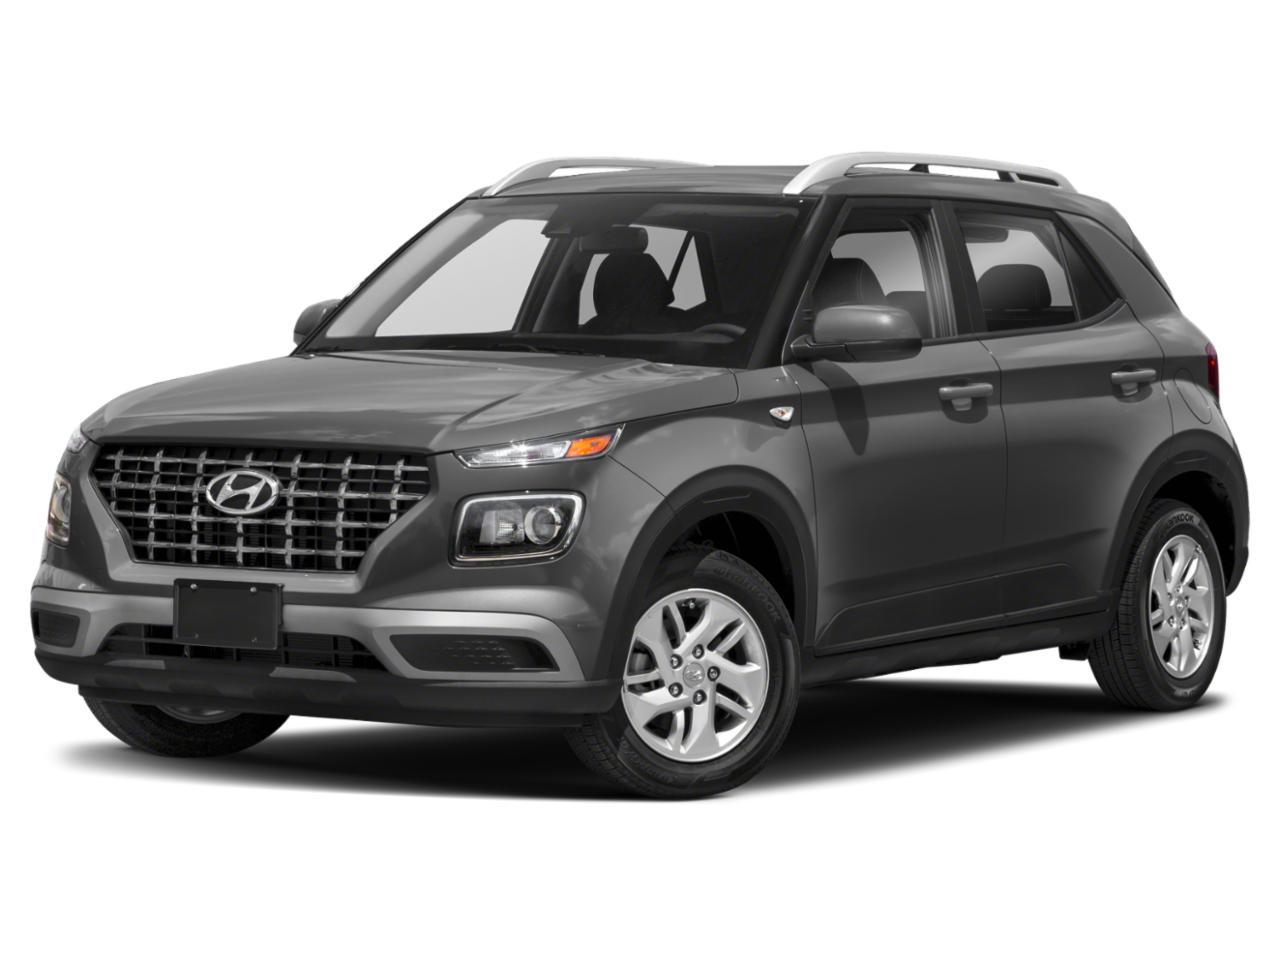 2022 Hyundai Venue Vehicle Photo in Peoria, IL 61615